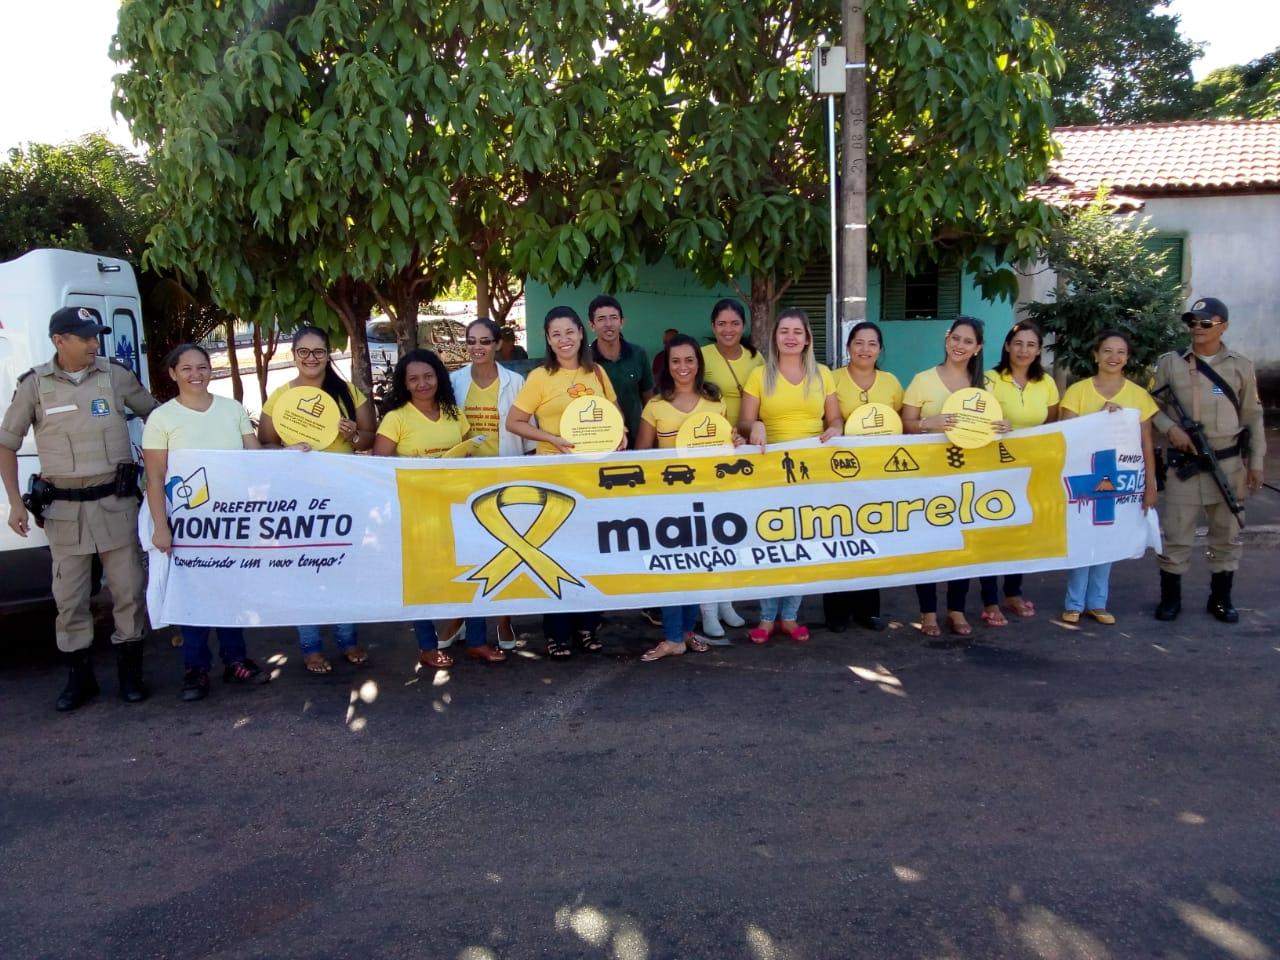 Saúde de Monte Santo e Polícia Militar realizam blitz para conscientizar sobre o trânsito seguro